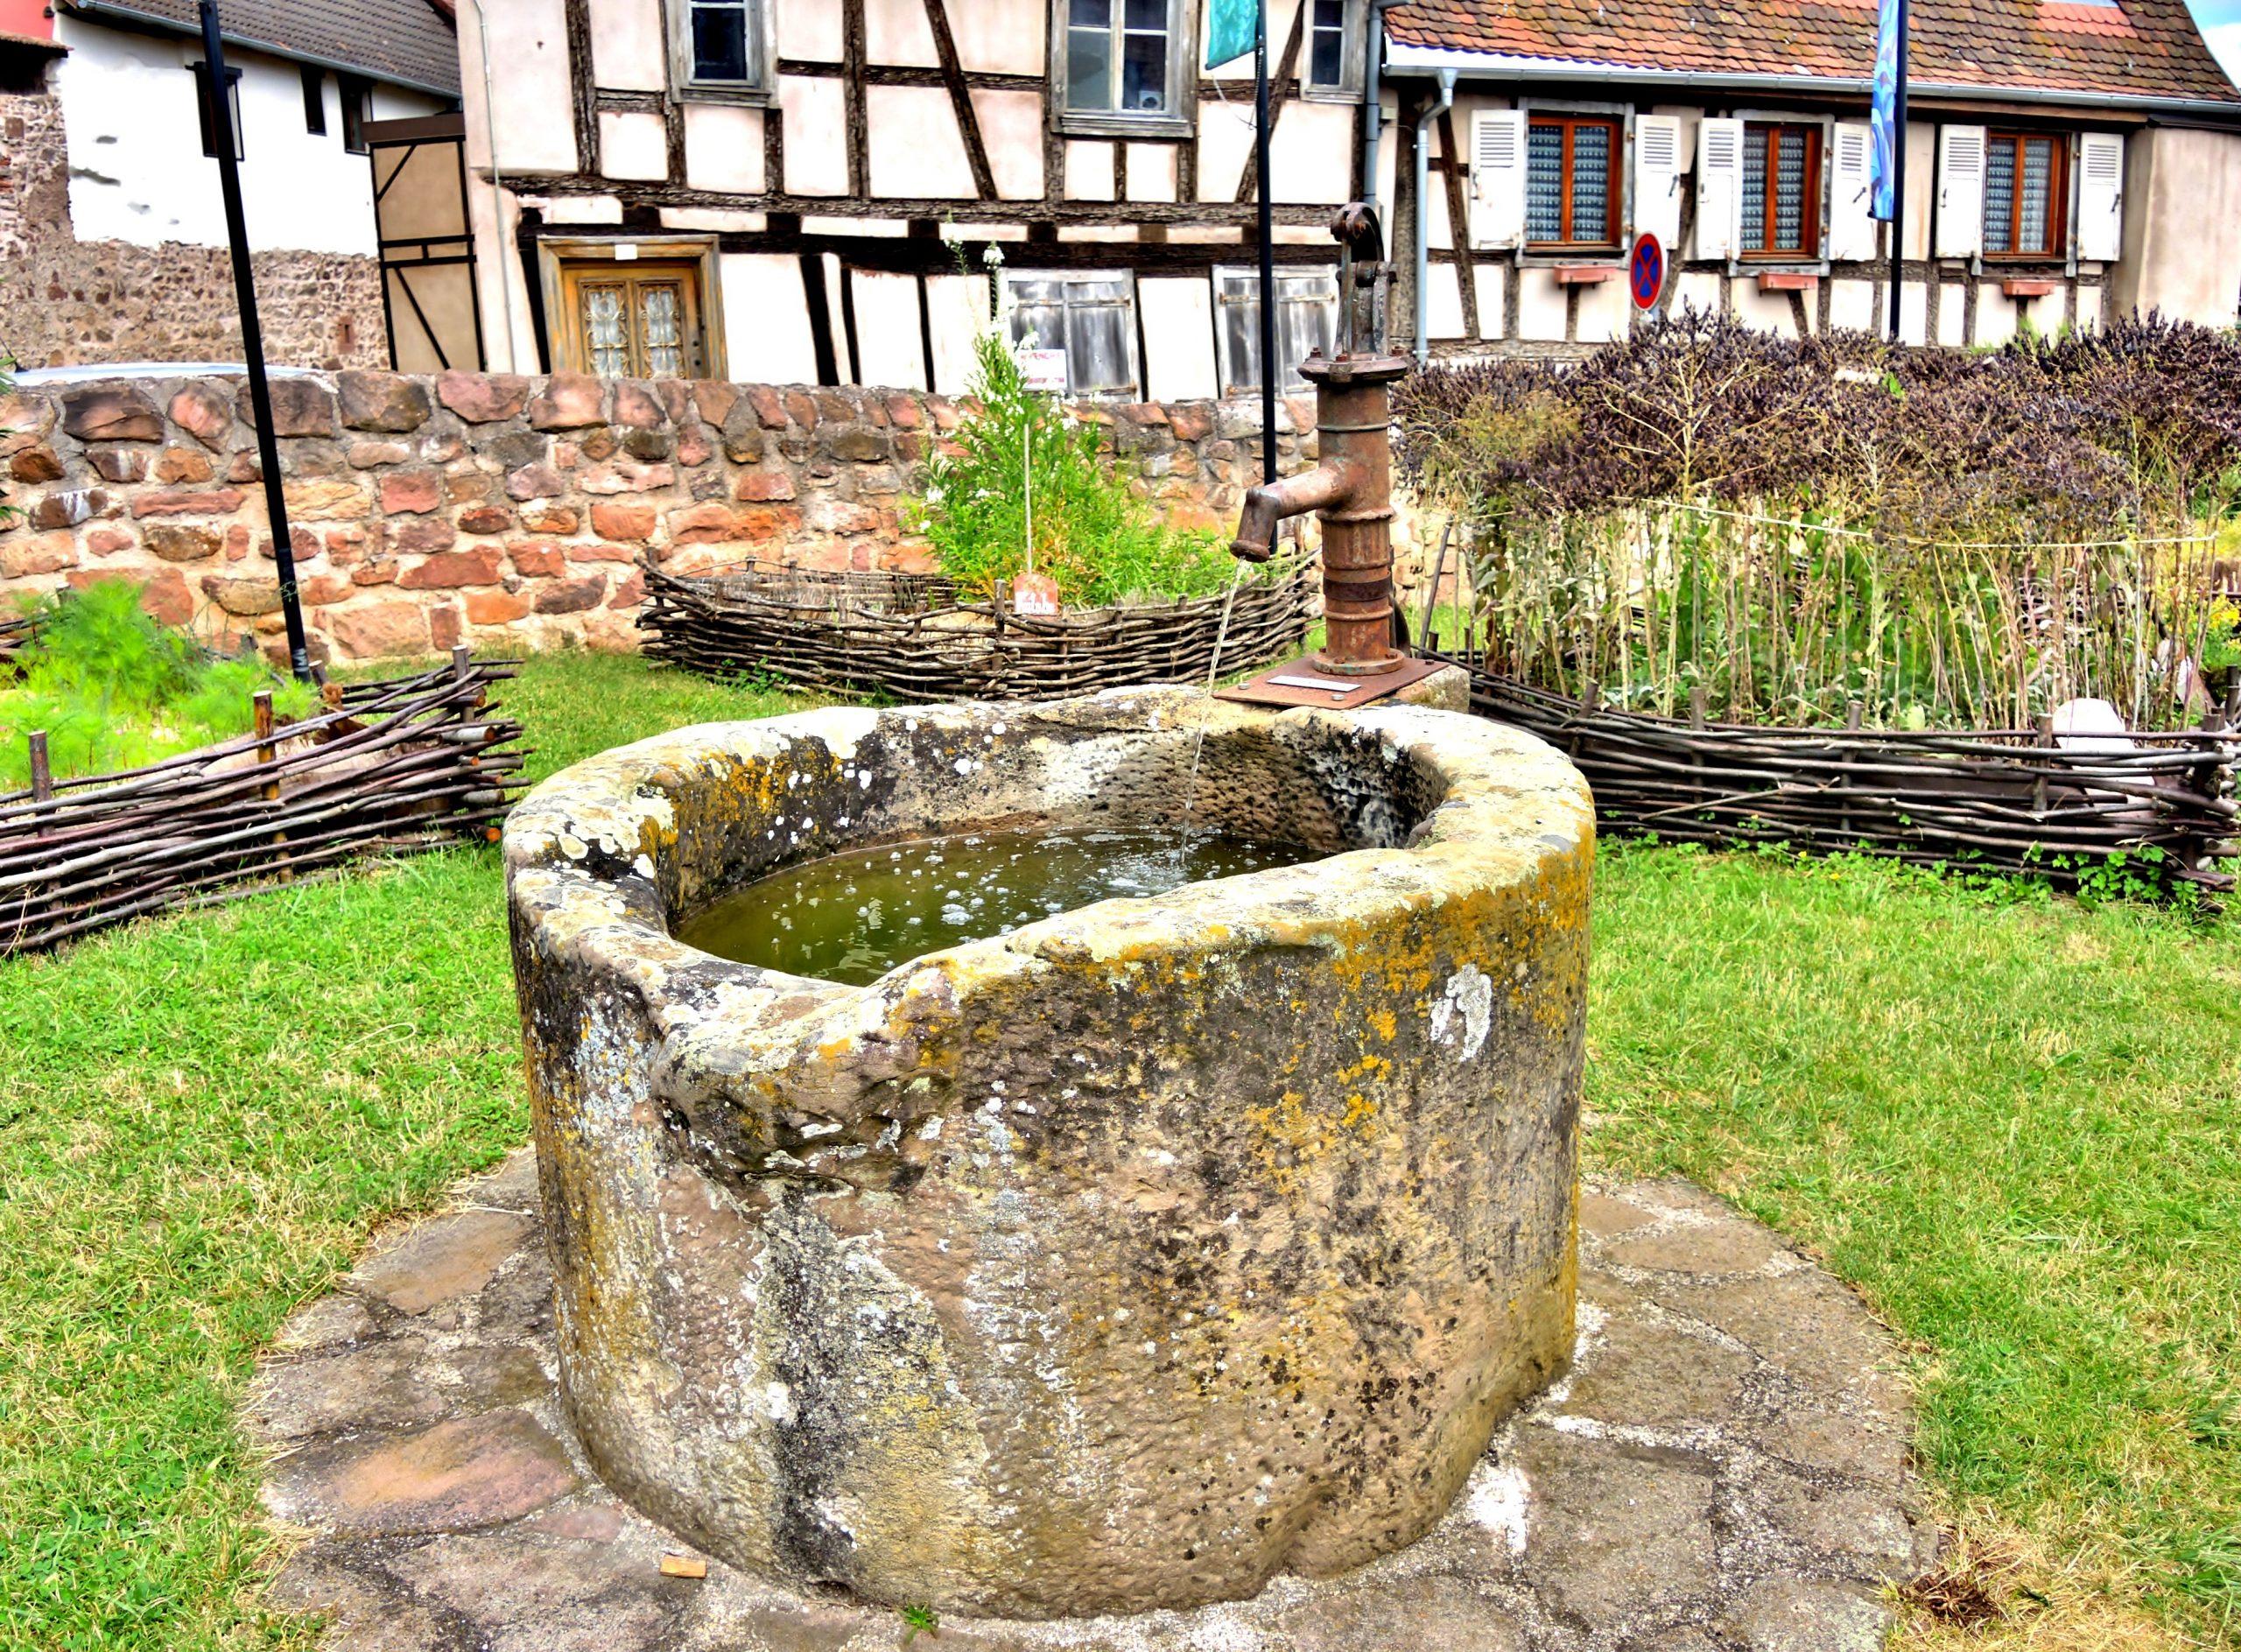 File:puits Ancien Dans Le Jardin Médiéval.jpg - Wikimedia ... tout Puit De Jardin